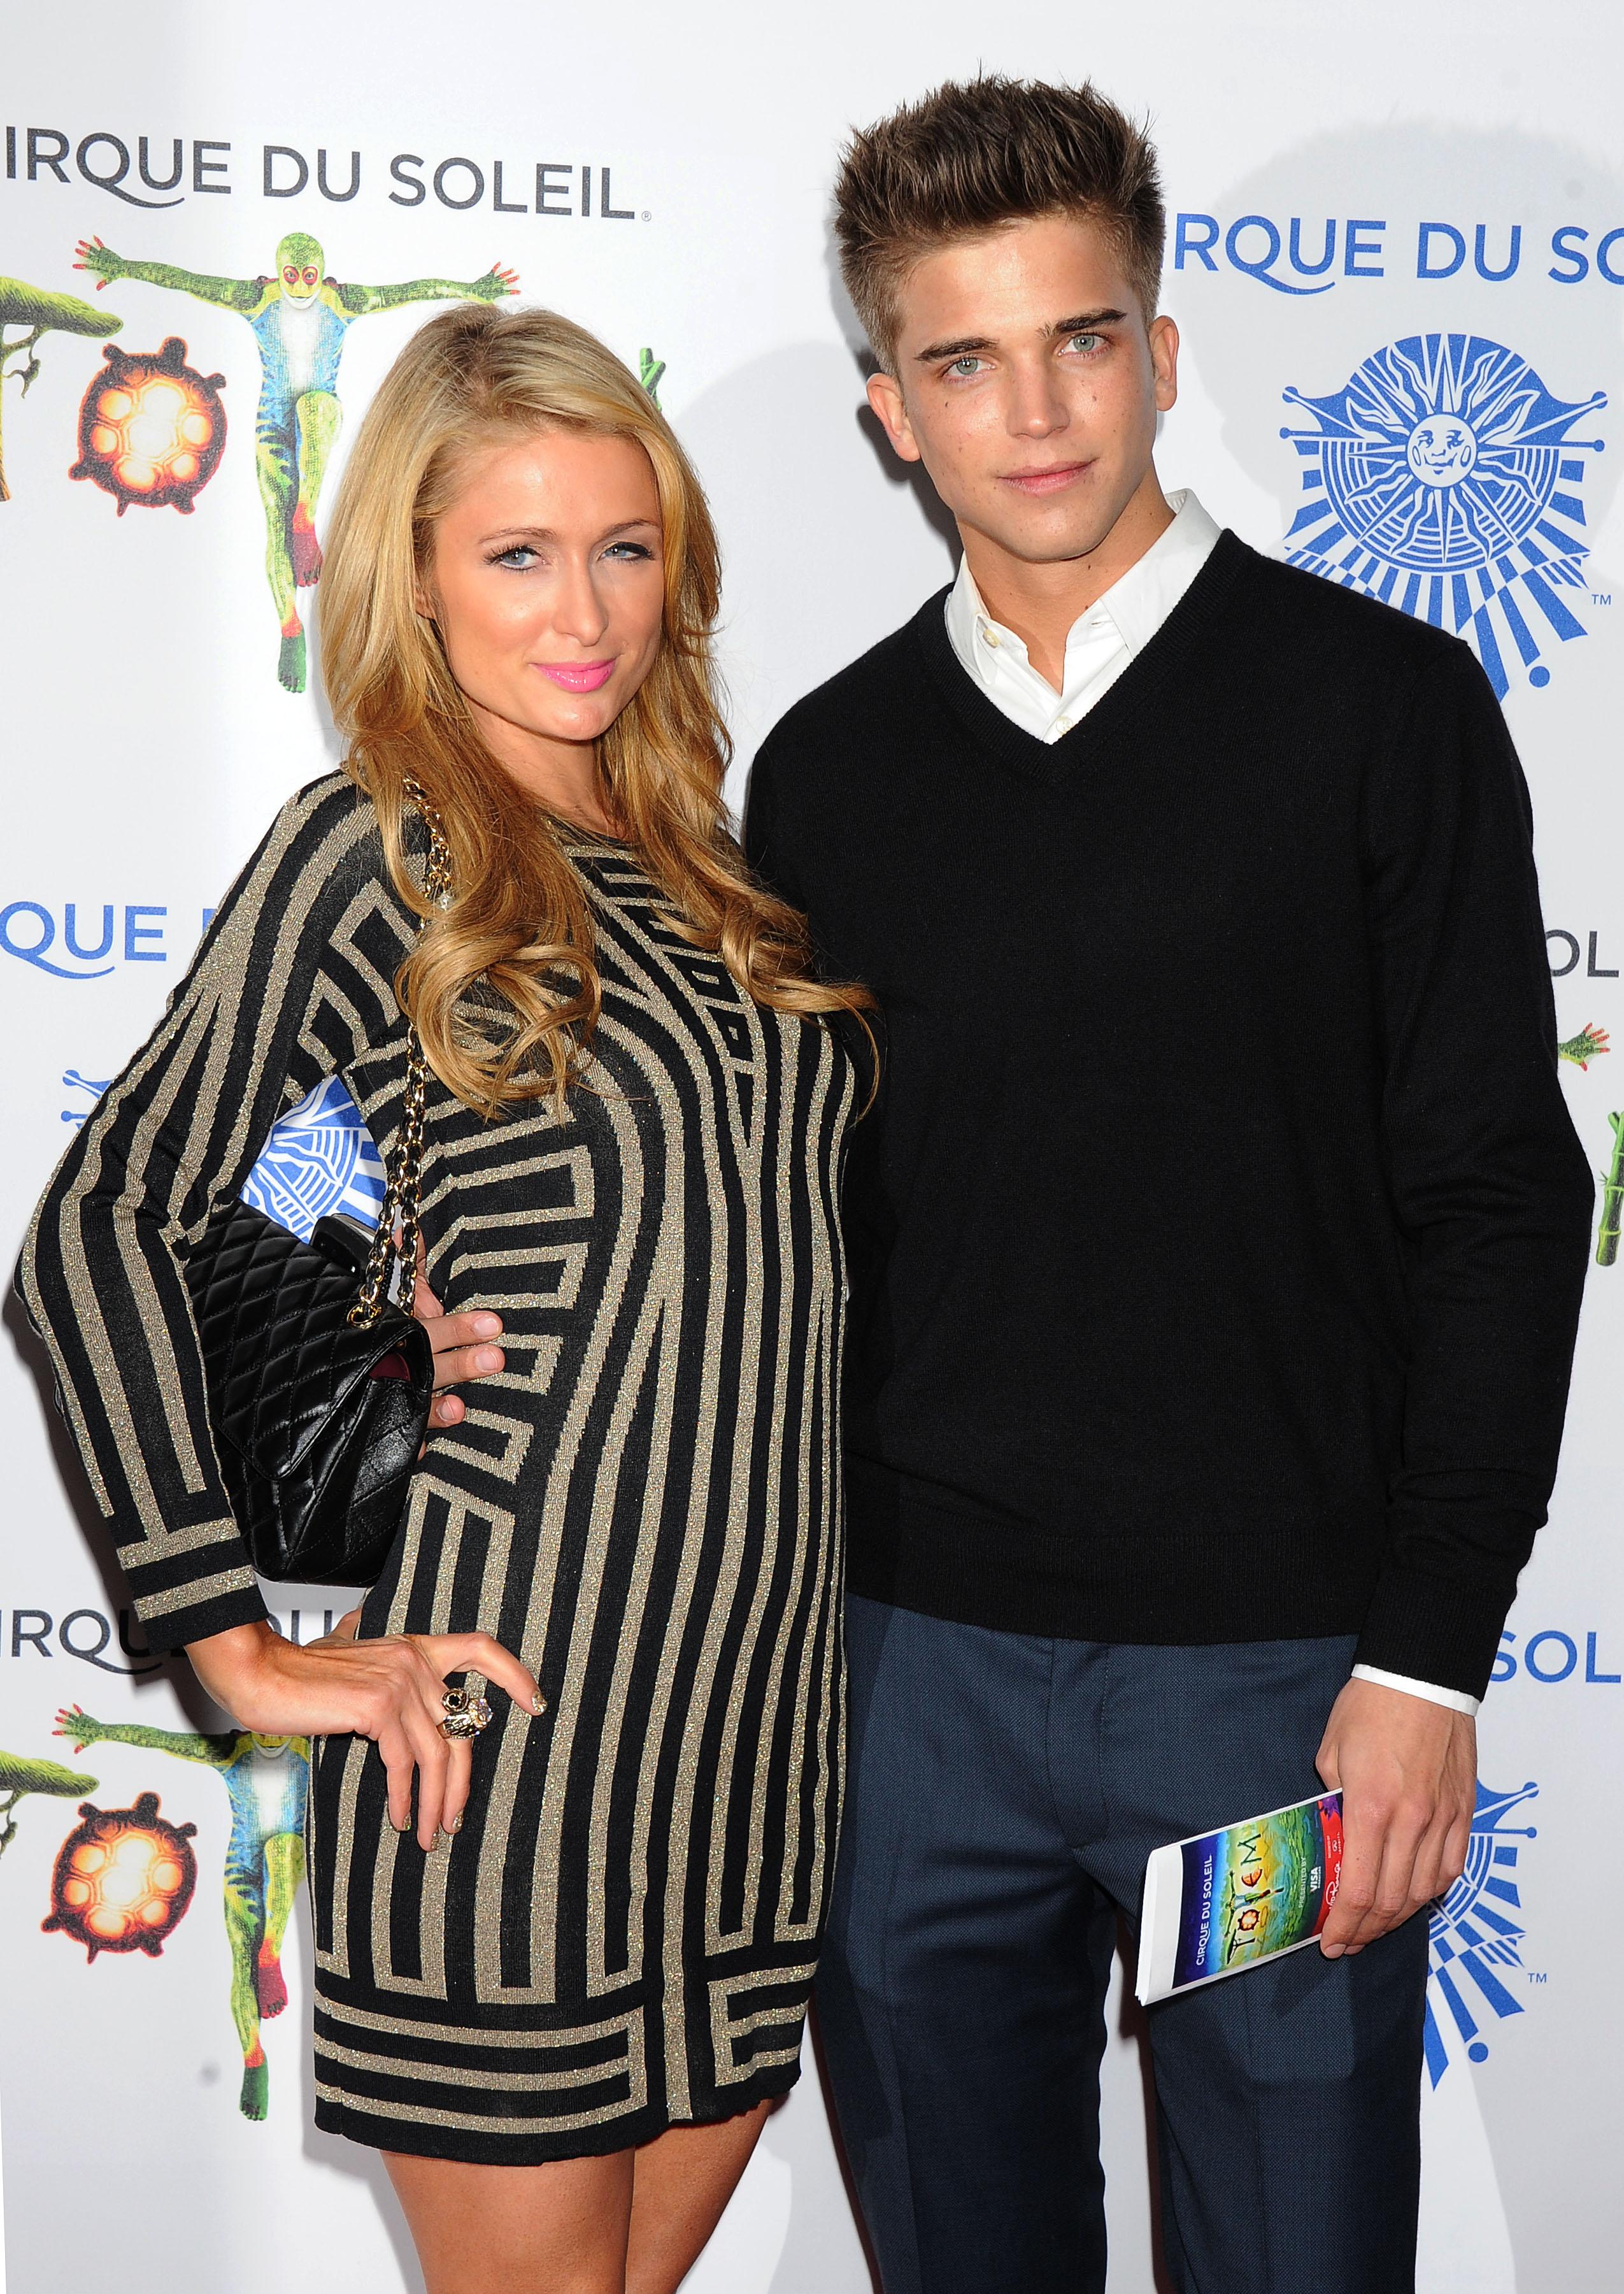 Amerikkalainen ökyhotelliperijätär Paris Hilton ja suomensukuinen espanjalaismalli River Viiperi deittailivat vuosina 2012-2014.